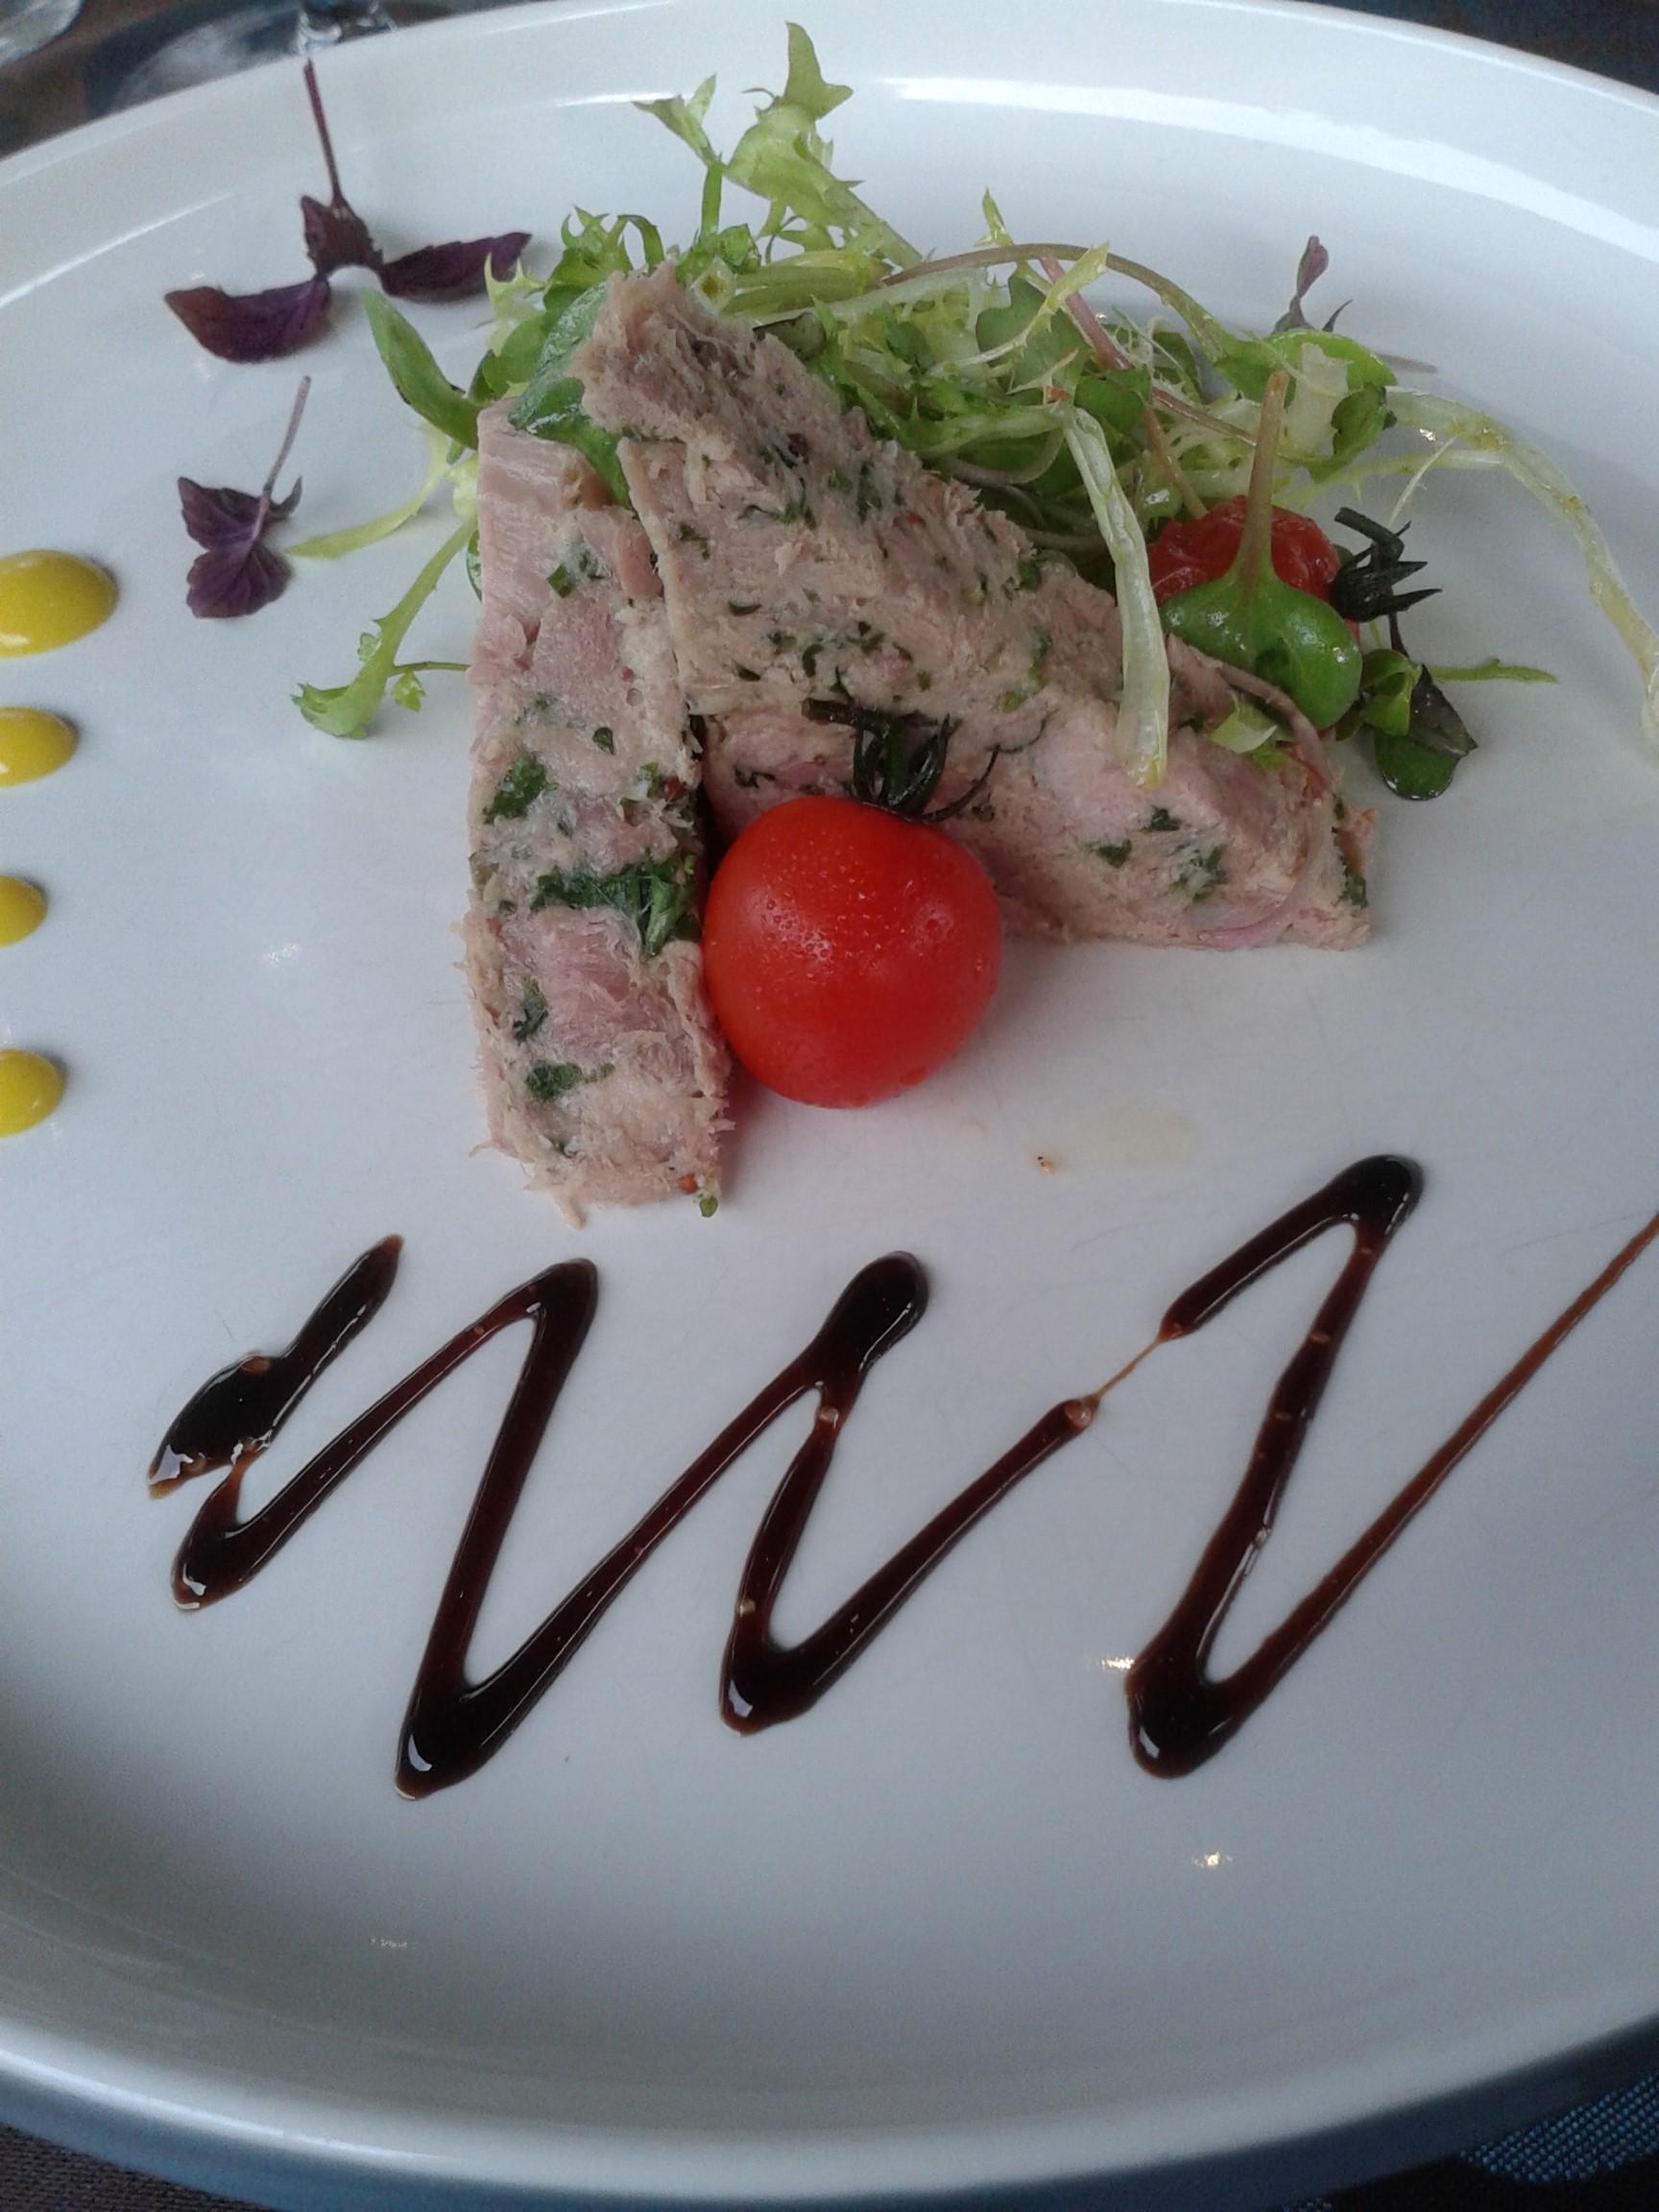 Gerardushoeve restaurant Epen nabij mechelen limburg – voorgerecht